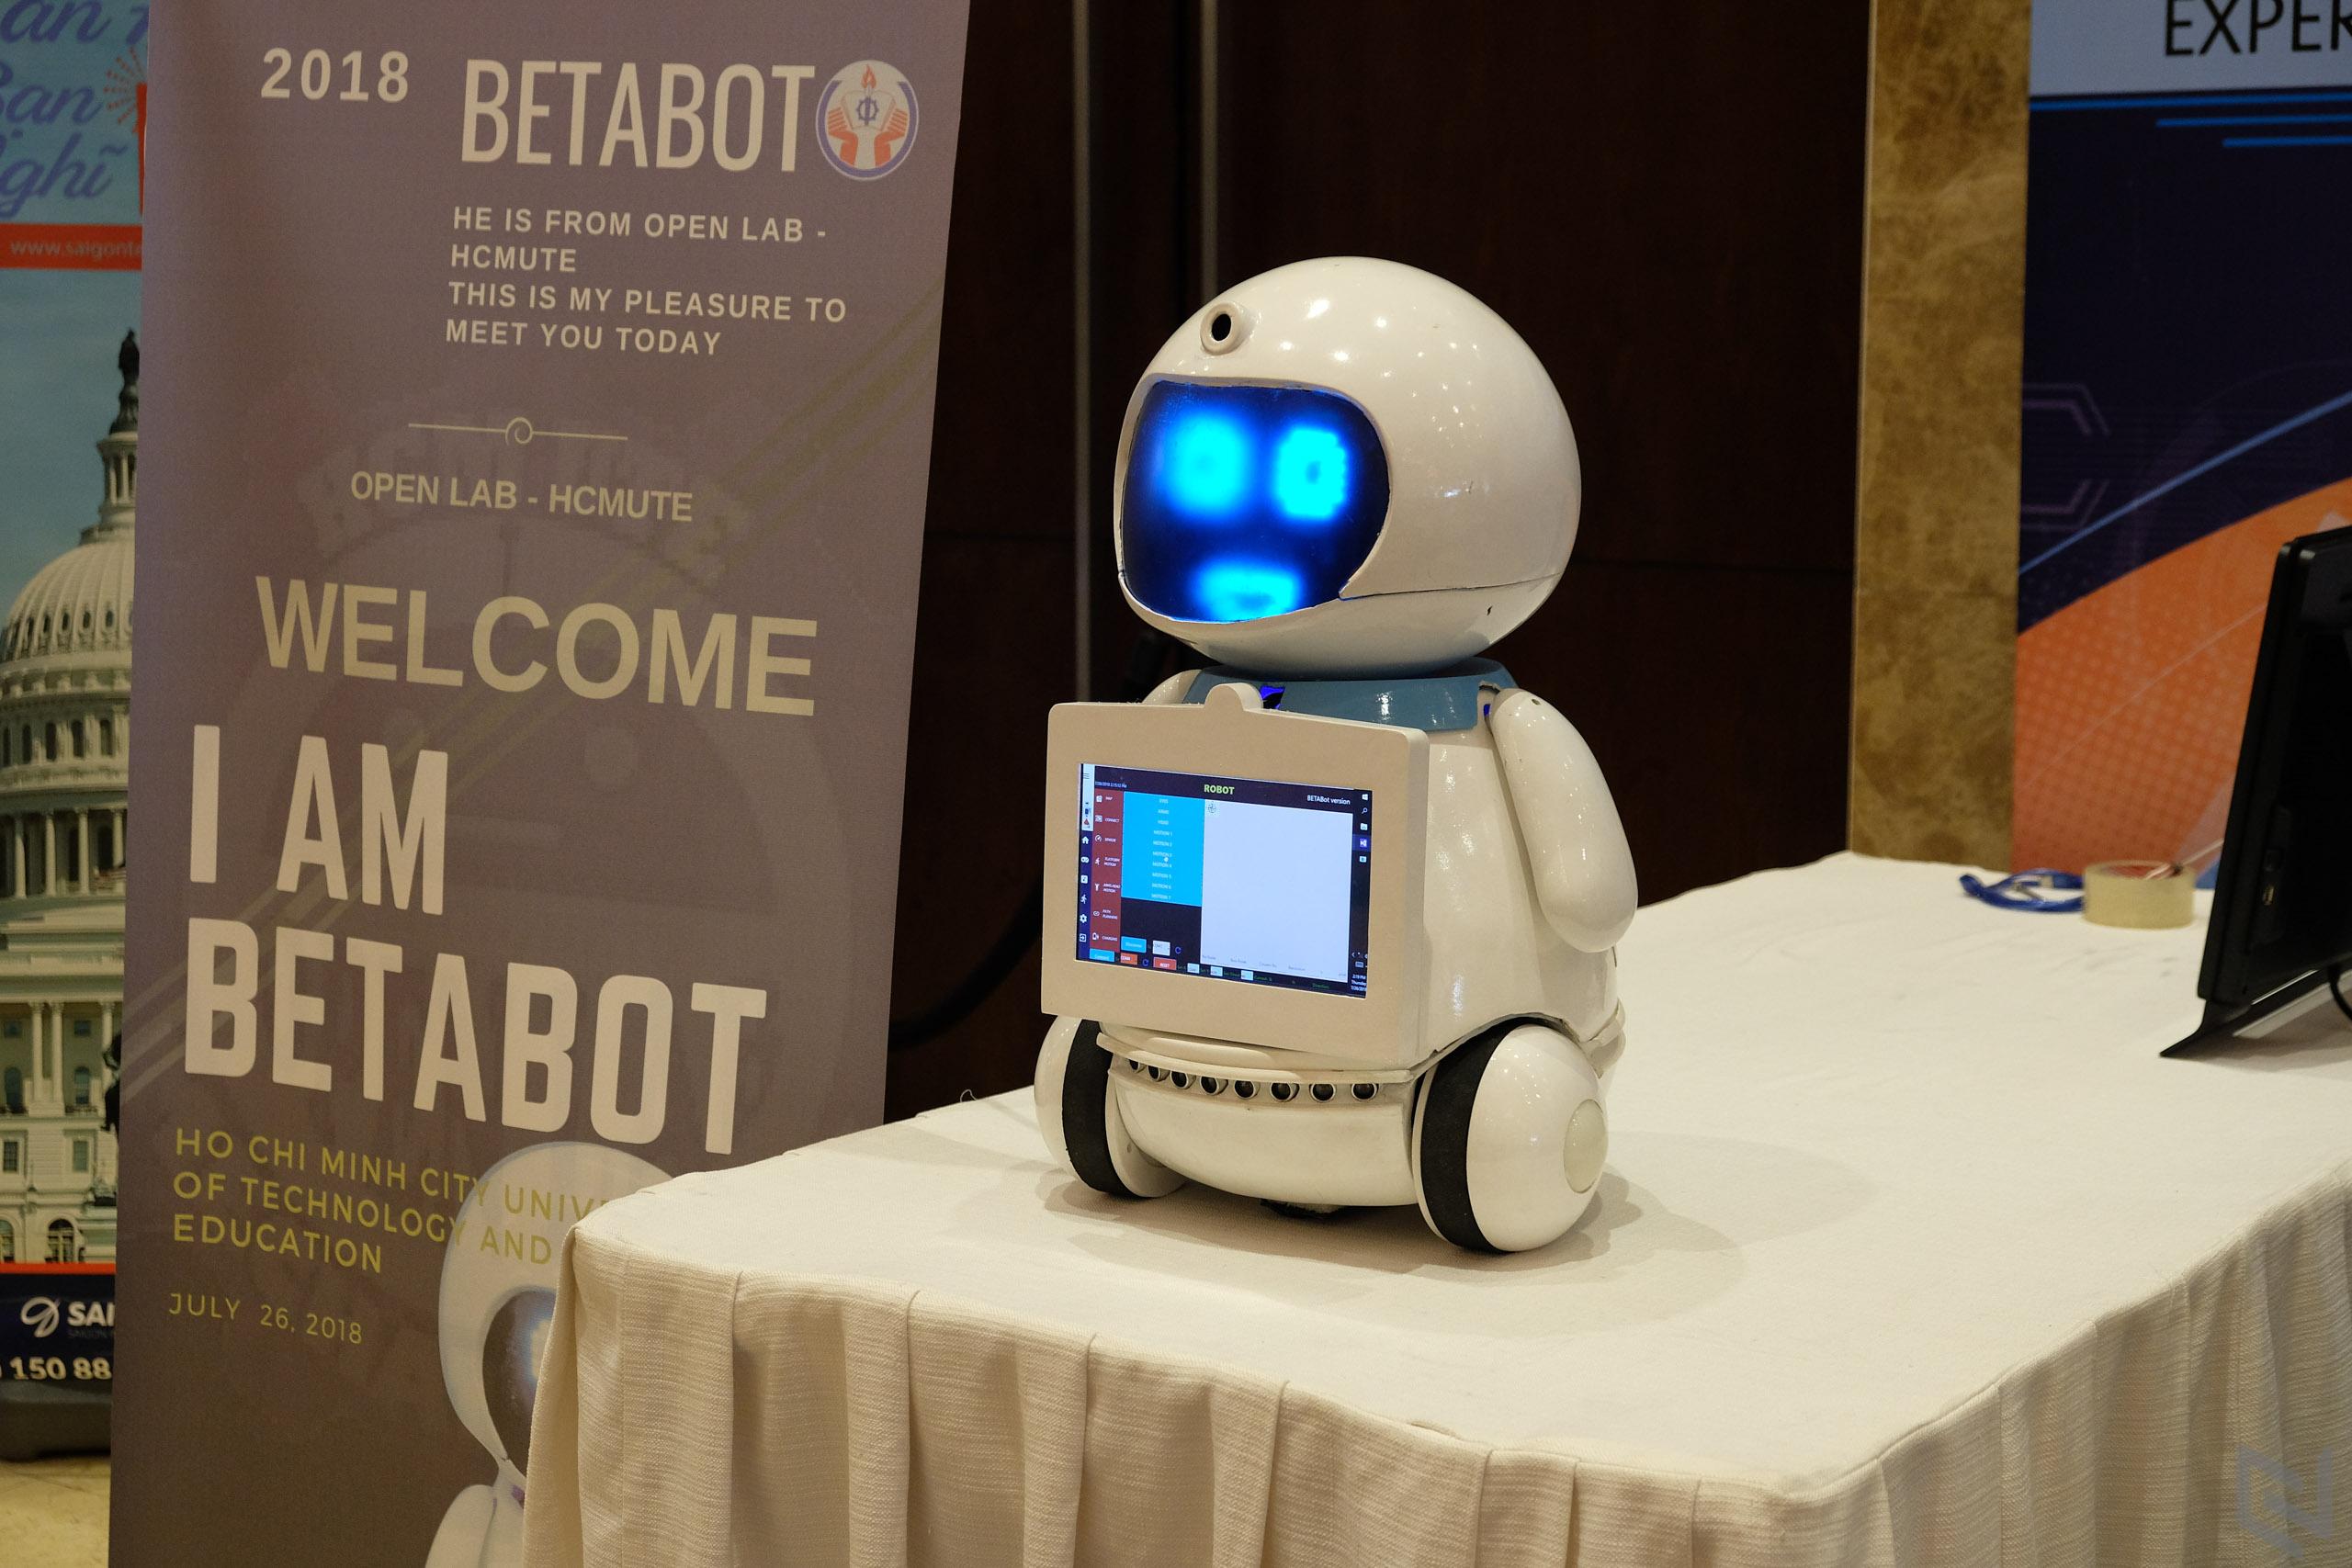 Kết quả hình ảnh cho service robot hcmute